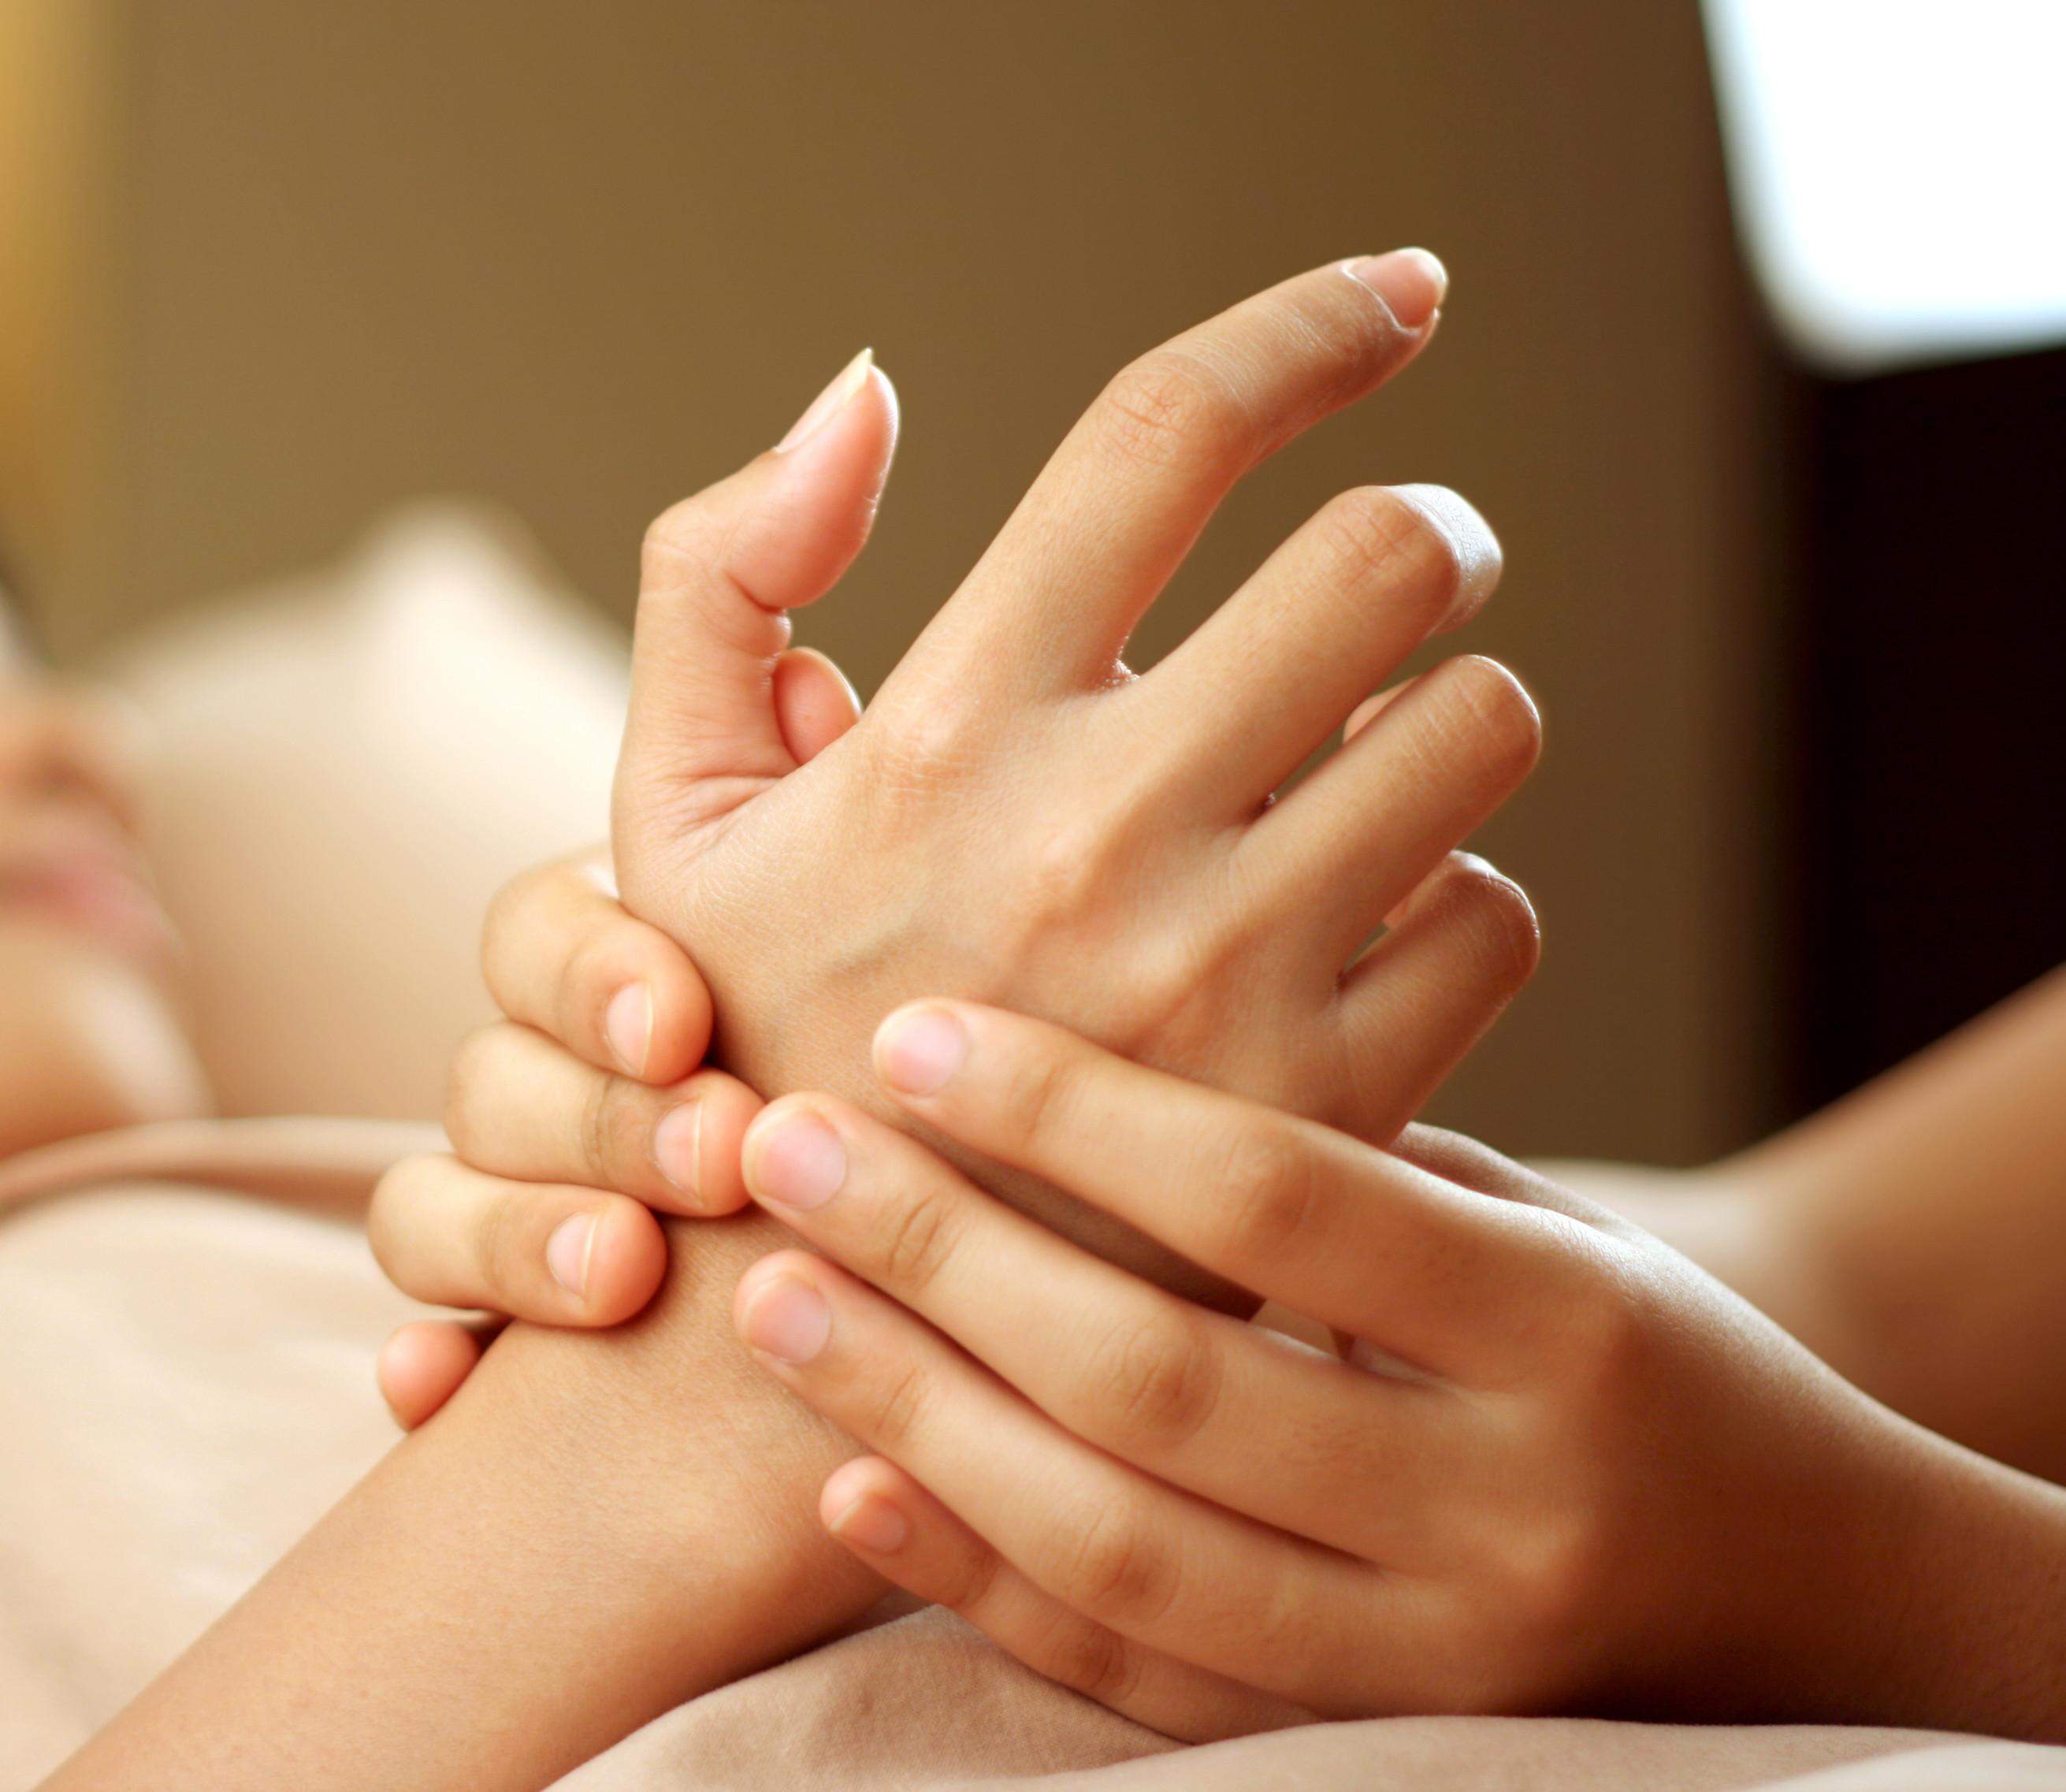 PunjabKesari, Nari, Hand Massage Image, Homemade beauty tips